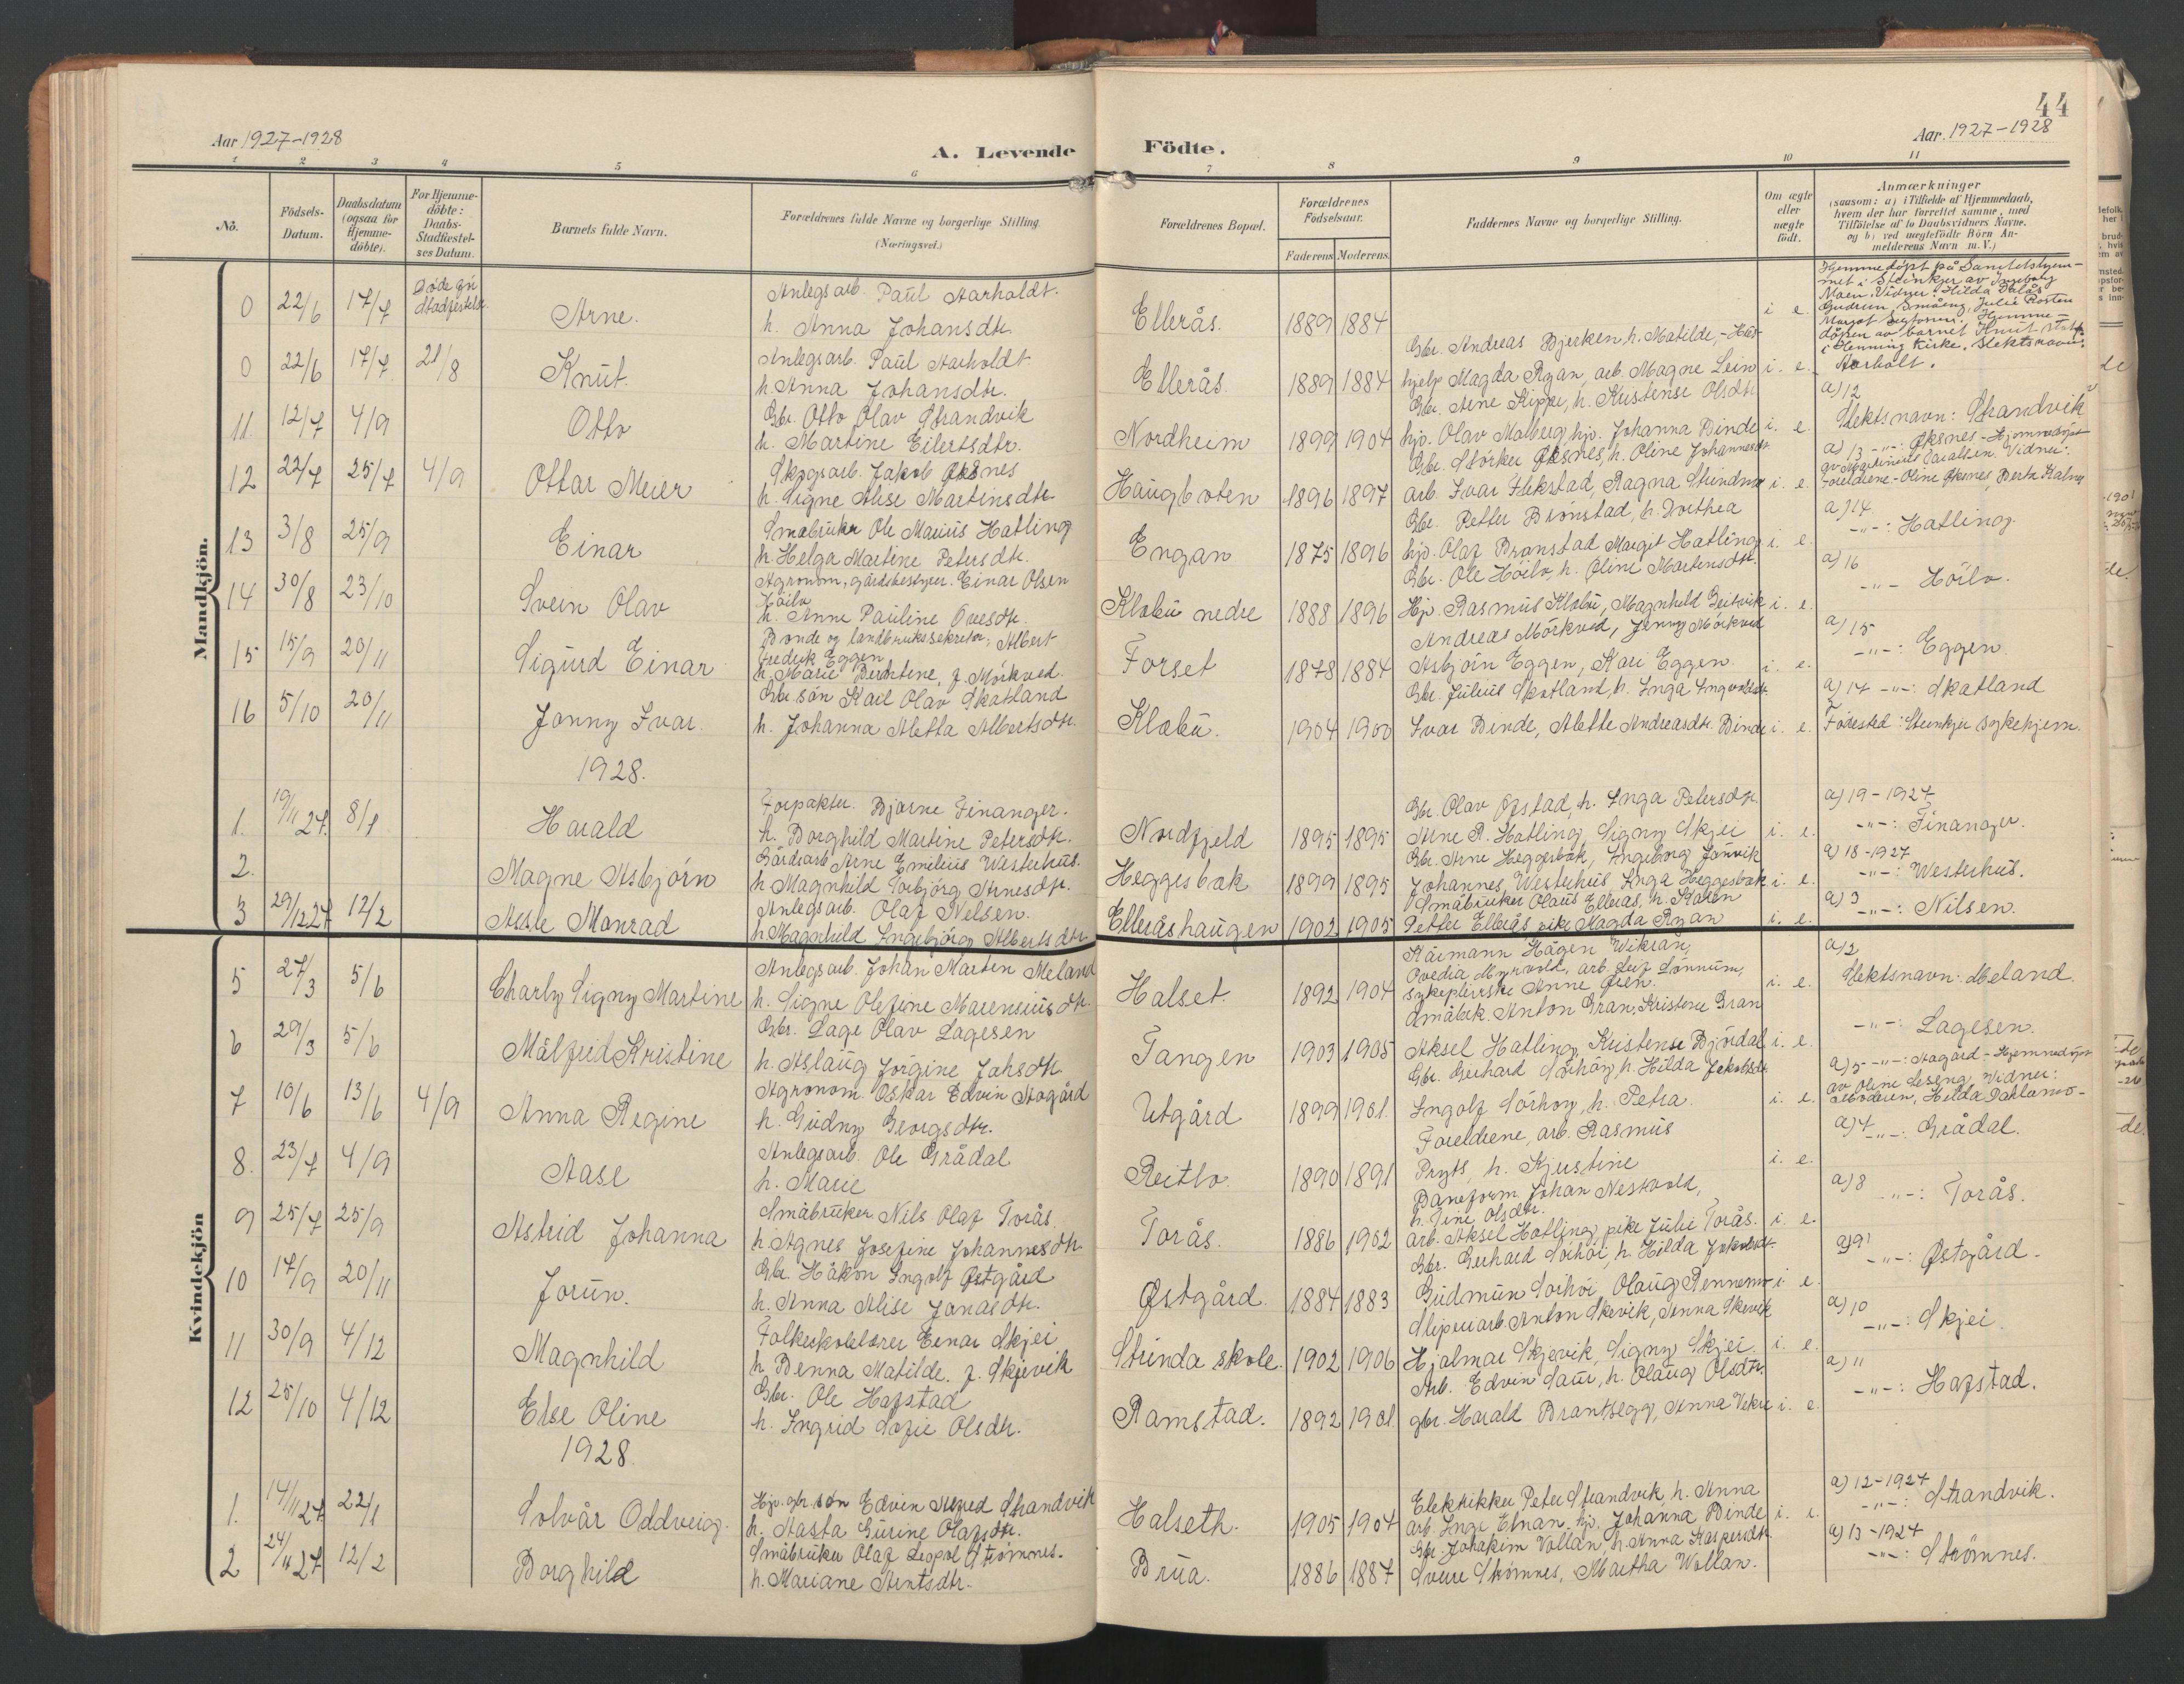 SAT, Ministerialprotokoller, klokkerbøker og fødselsregistre - Nord-Trøndelag, 746/L0455: Klokkerbok nr. 746C01, 1908-1933, s. 44